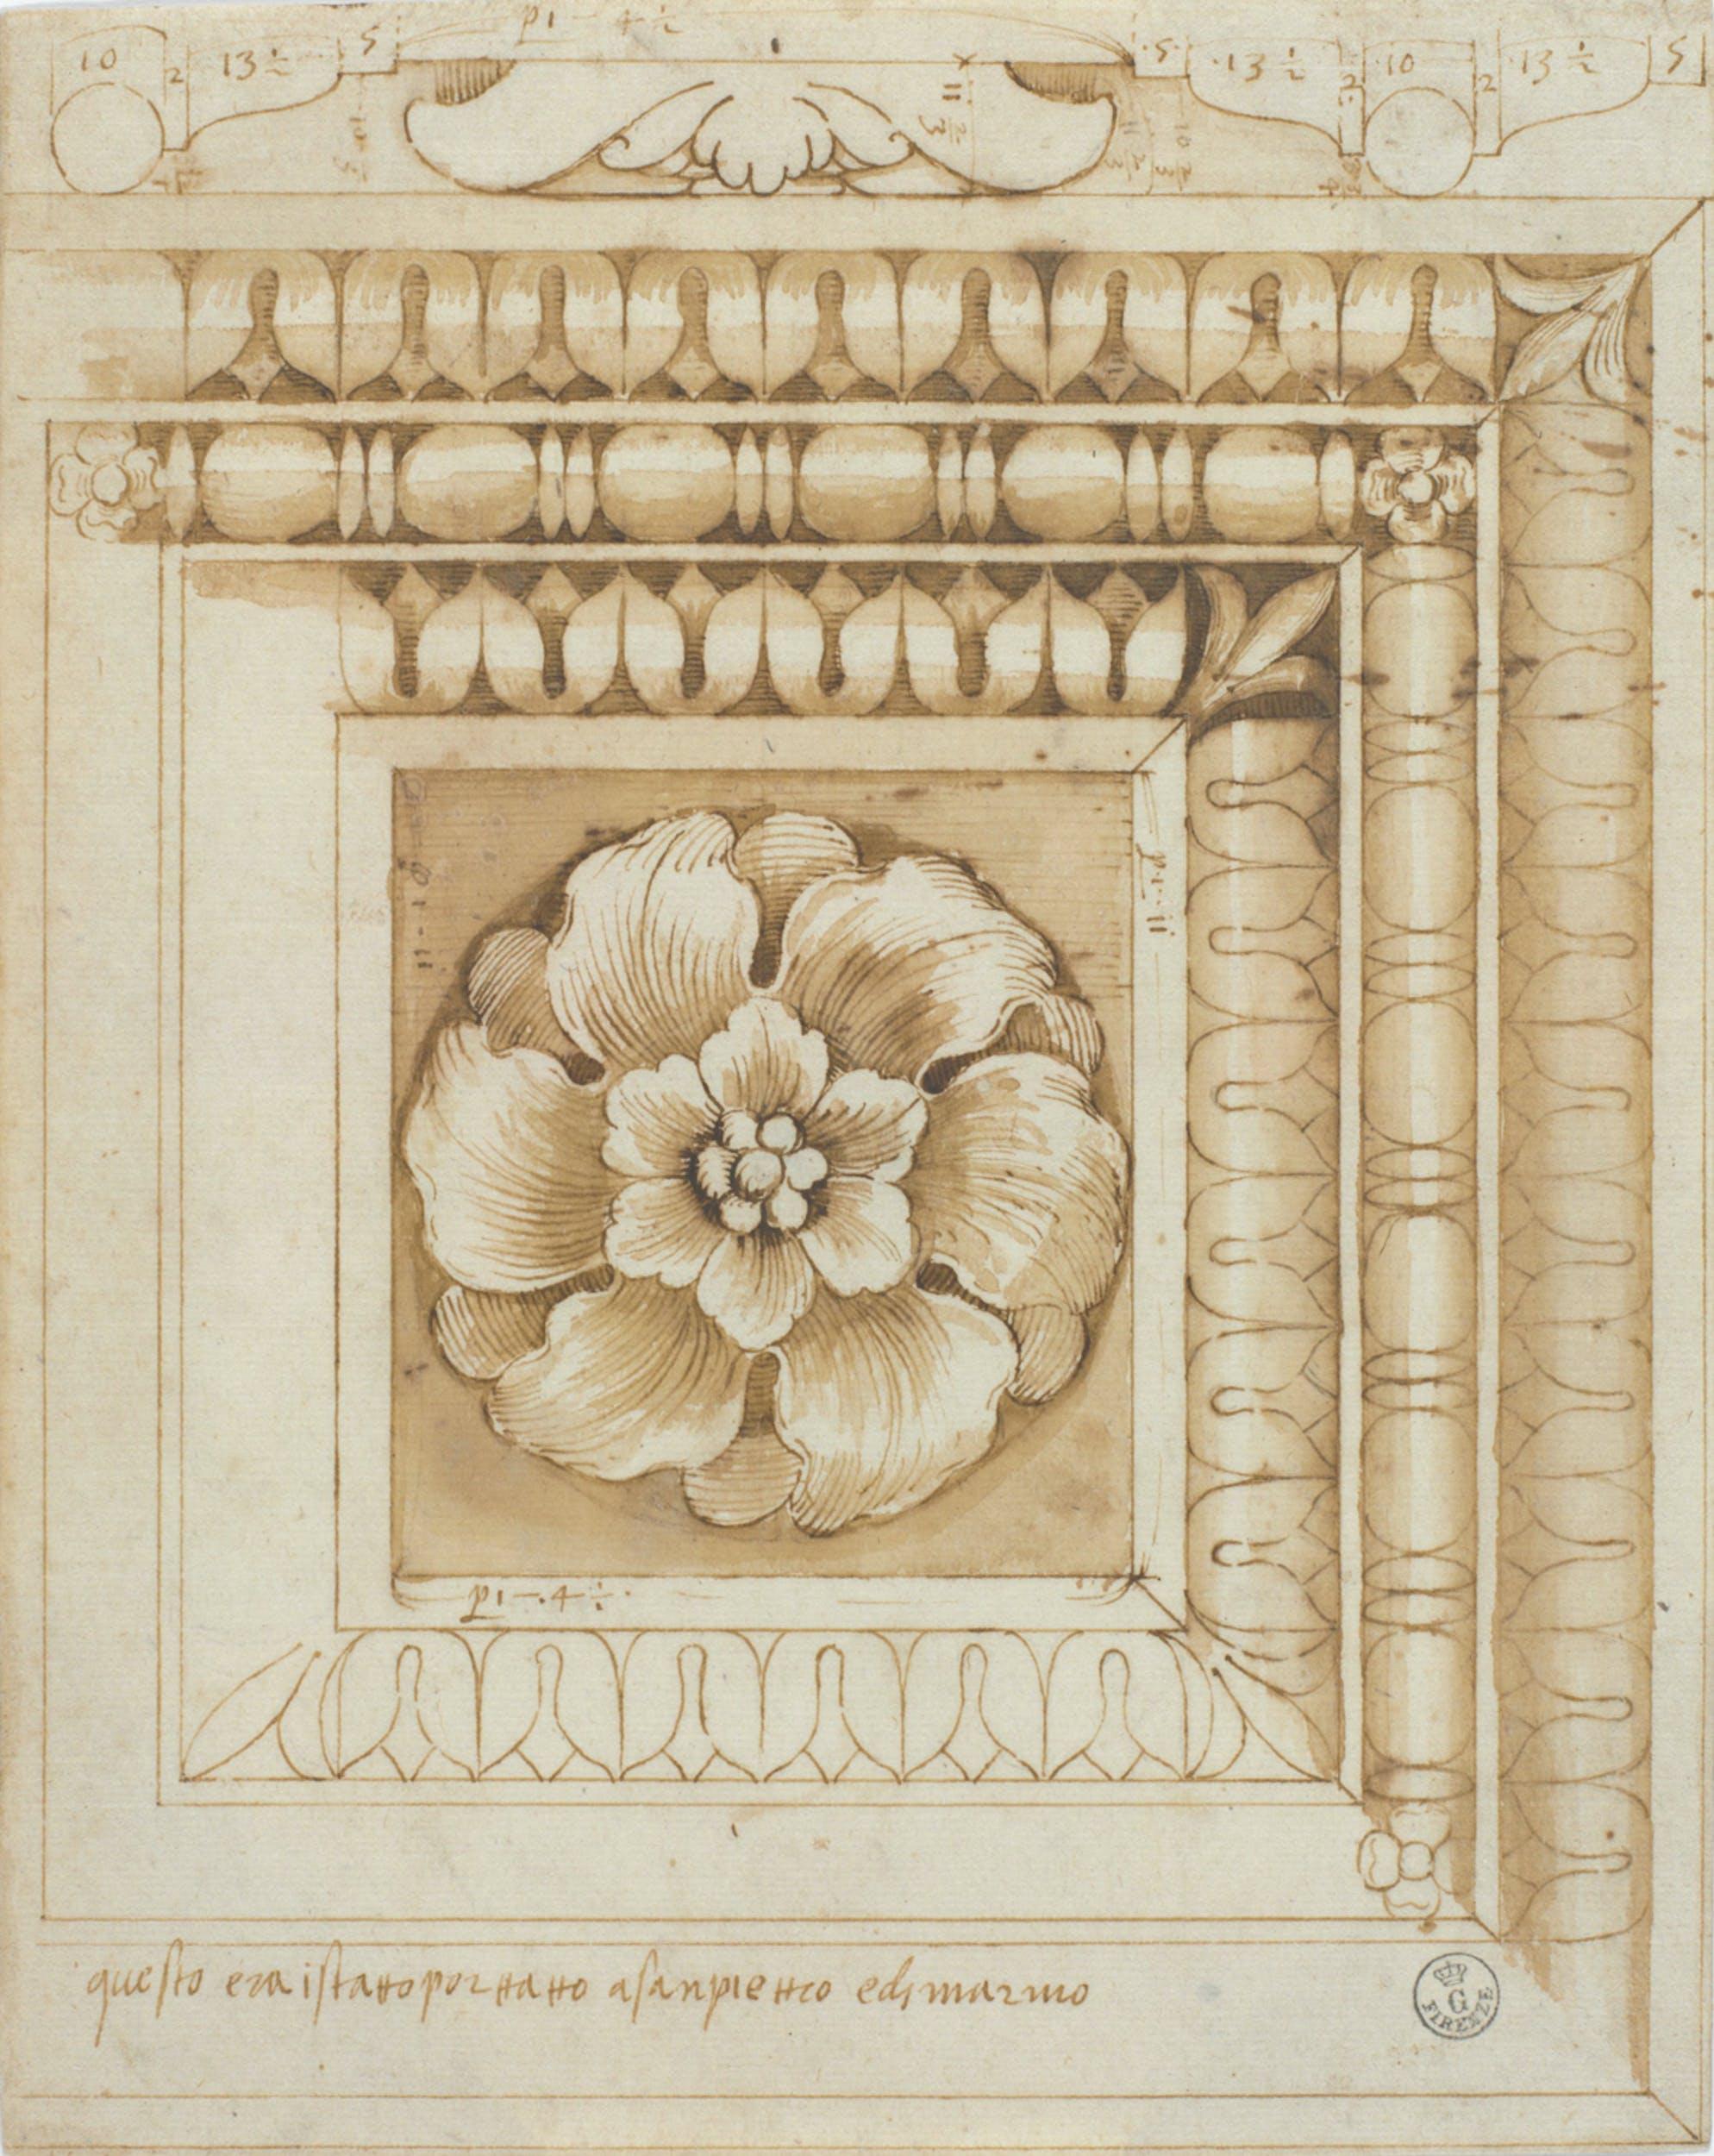 """""""I cieli in una stanza"""" Pietro Rosselli Lacunare marmoreo antico stilo e penna su carta bianca Gabinetto dei Disegni e delle Stampe, Gallerie degli Uffizi, Firenze"""